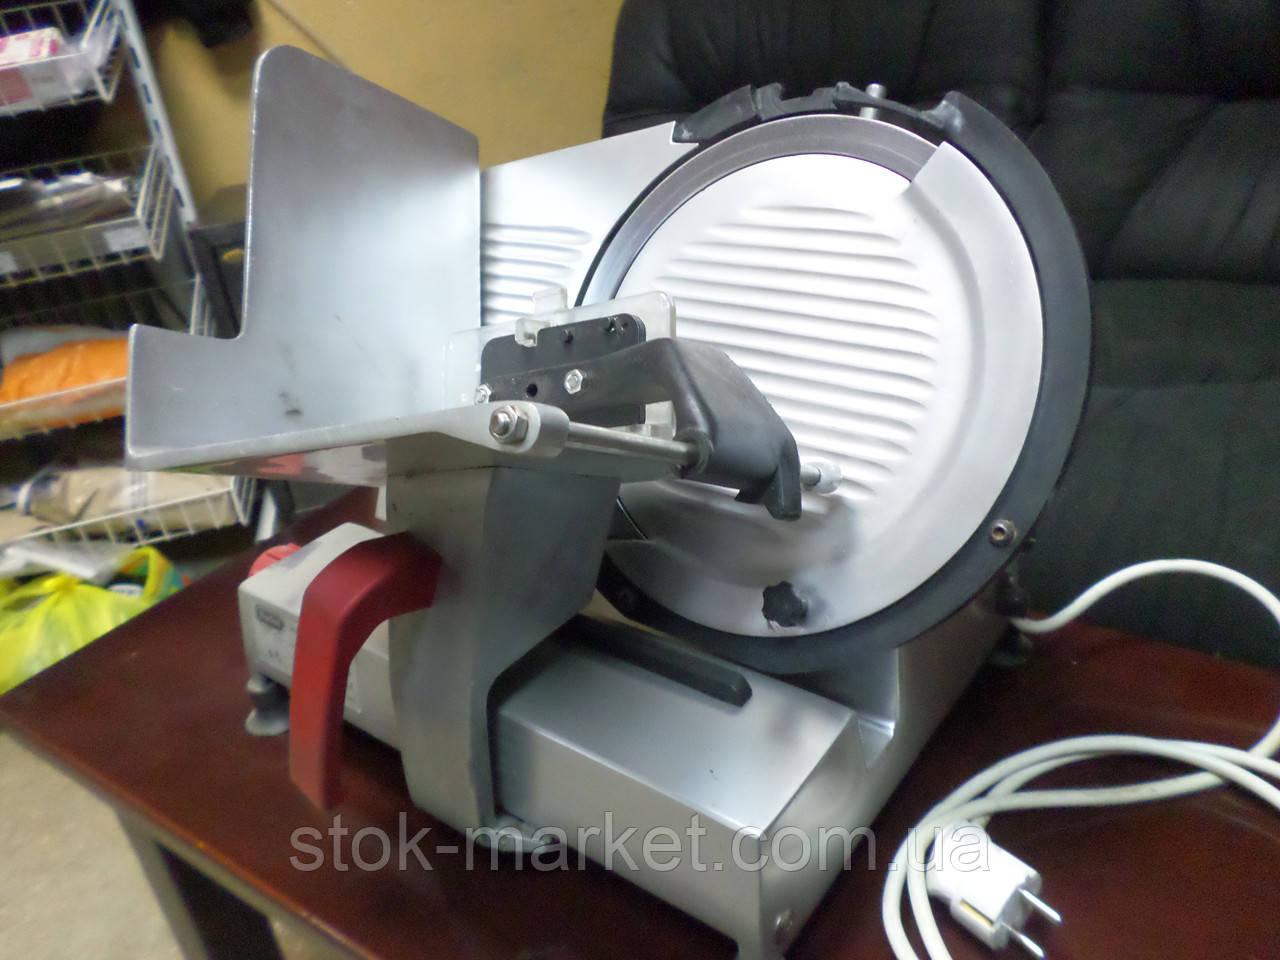 Слайсер профессиональный Re-M 251 ce (Berkel) для нарезки